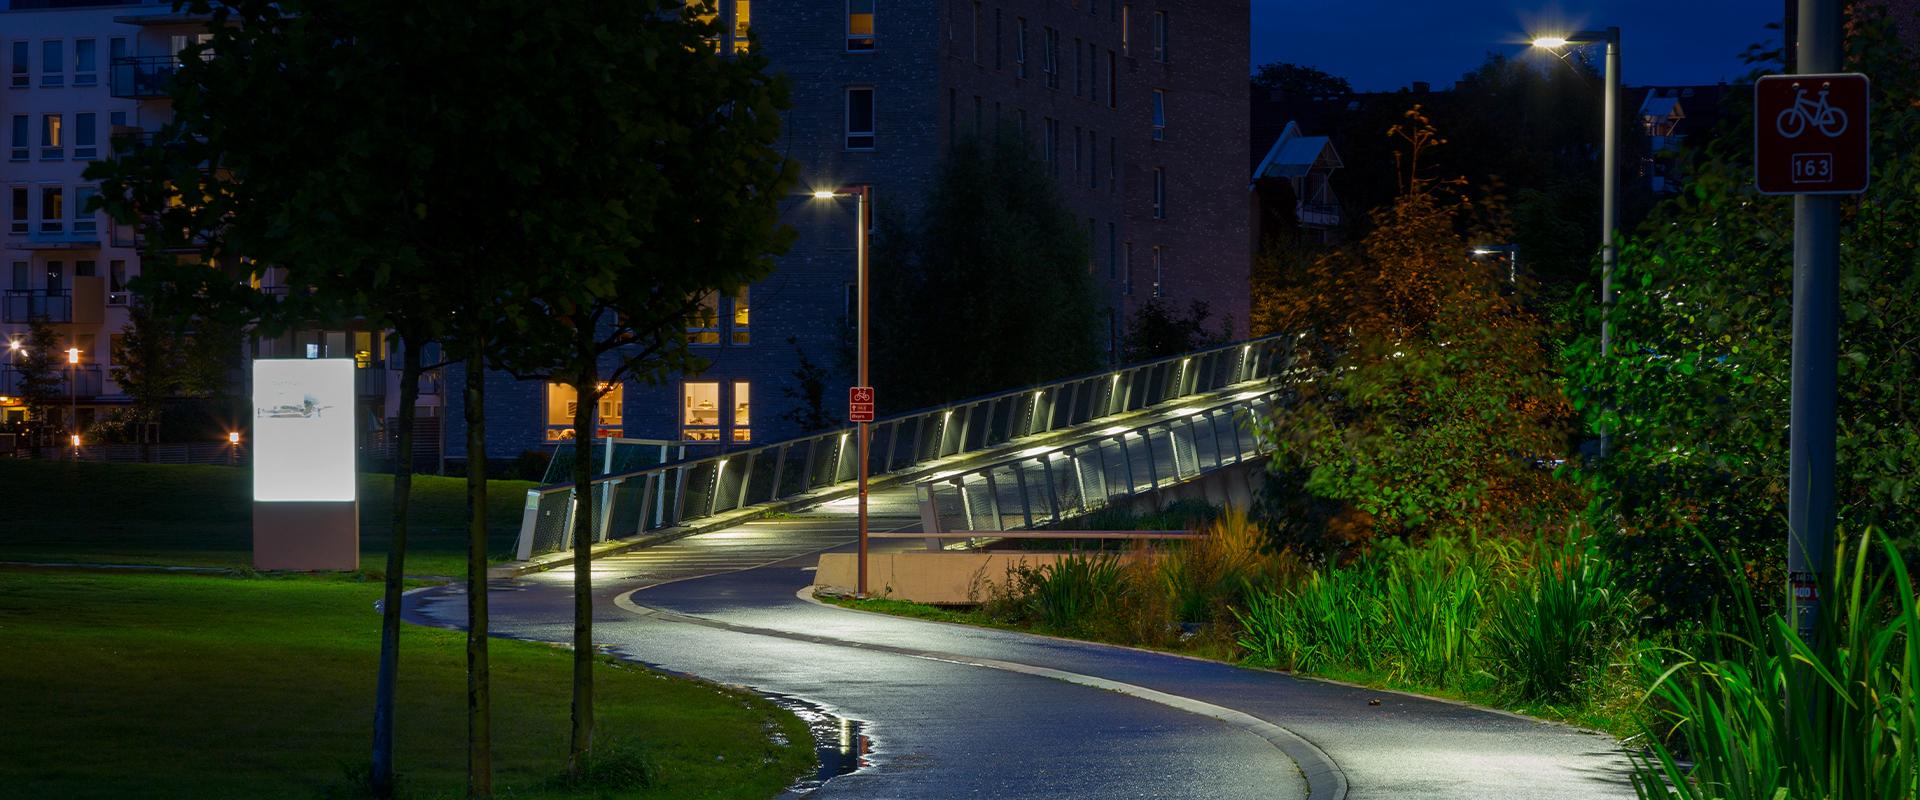 Lampioni LED parchi pubblici